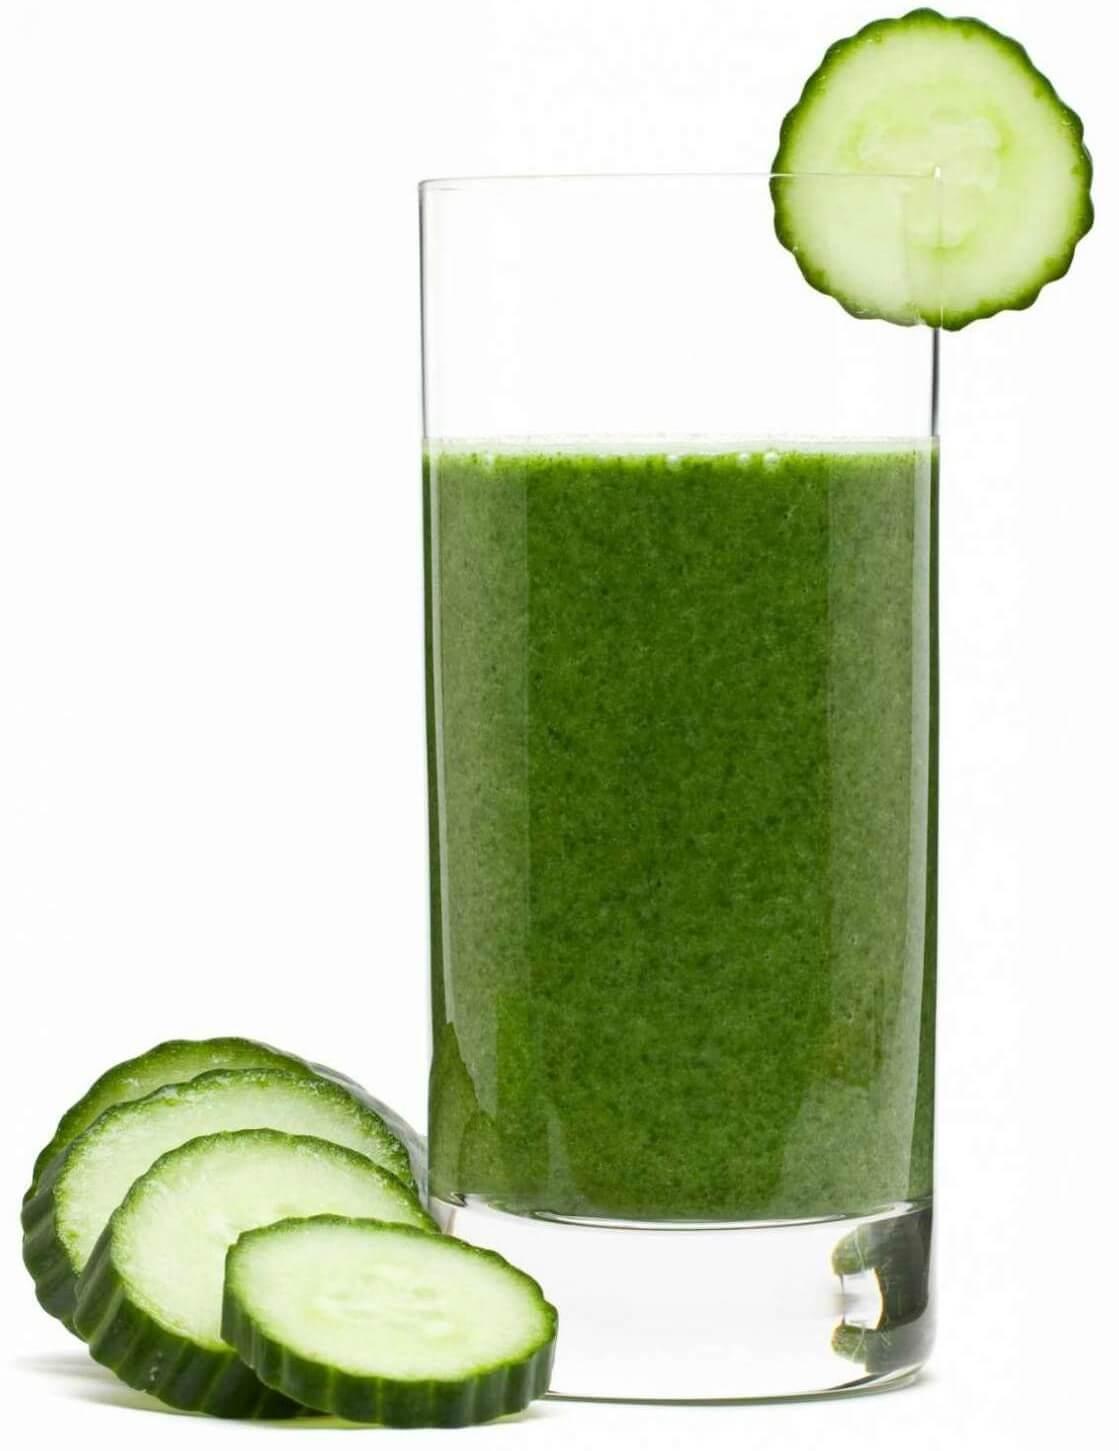 groen juice.jpg